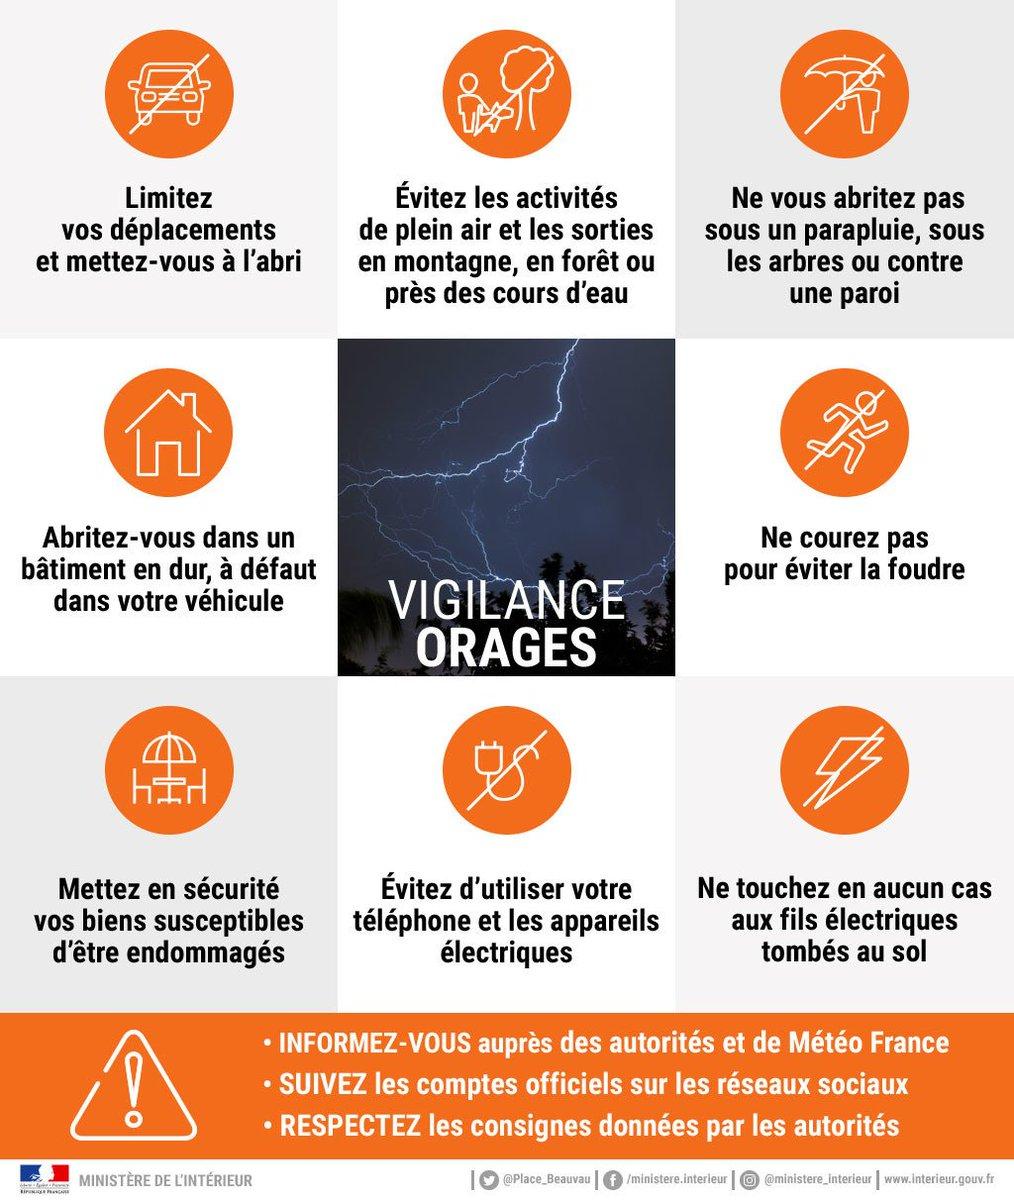 ⛈️ Un épisode orageux important se met en place sur la façade Atlantique, du pays Basque à la Nouvelle-Aquitaine. Restez vigilants et évitez d'entamer de longues activités de plein air. #VigilanceOrange #Orages